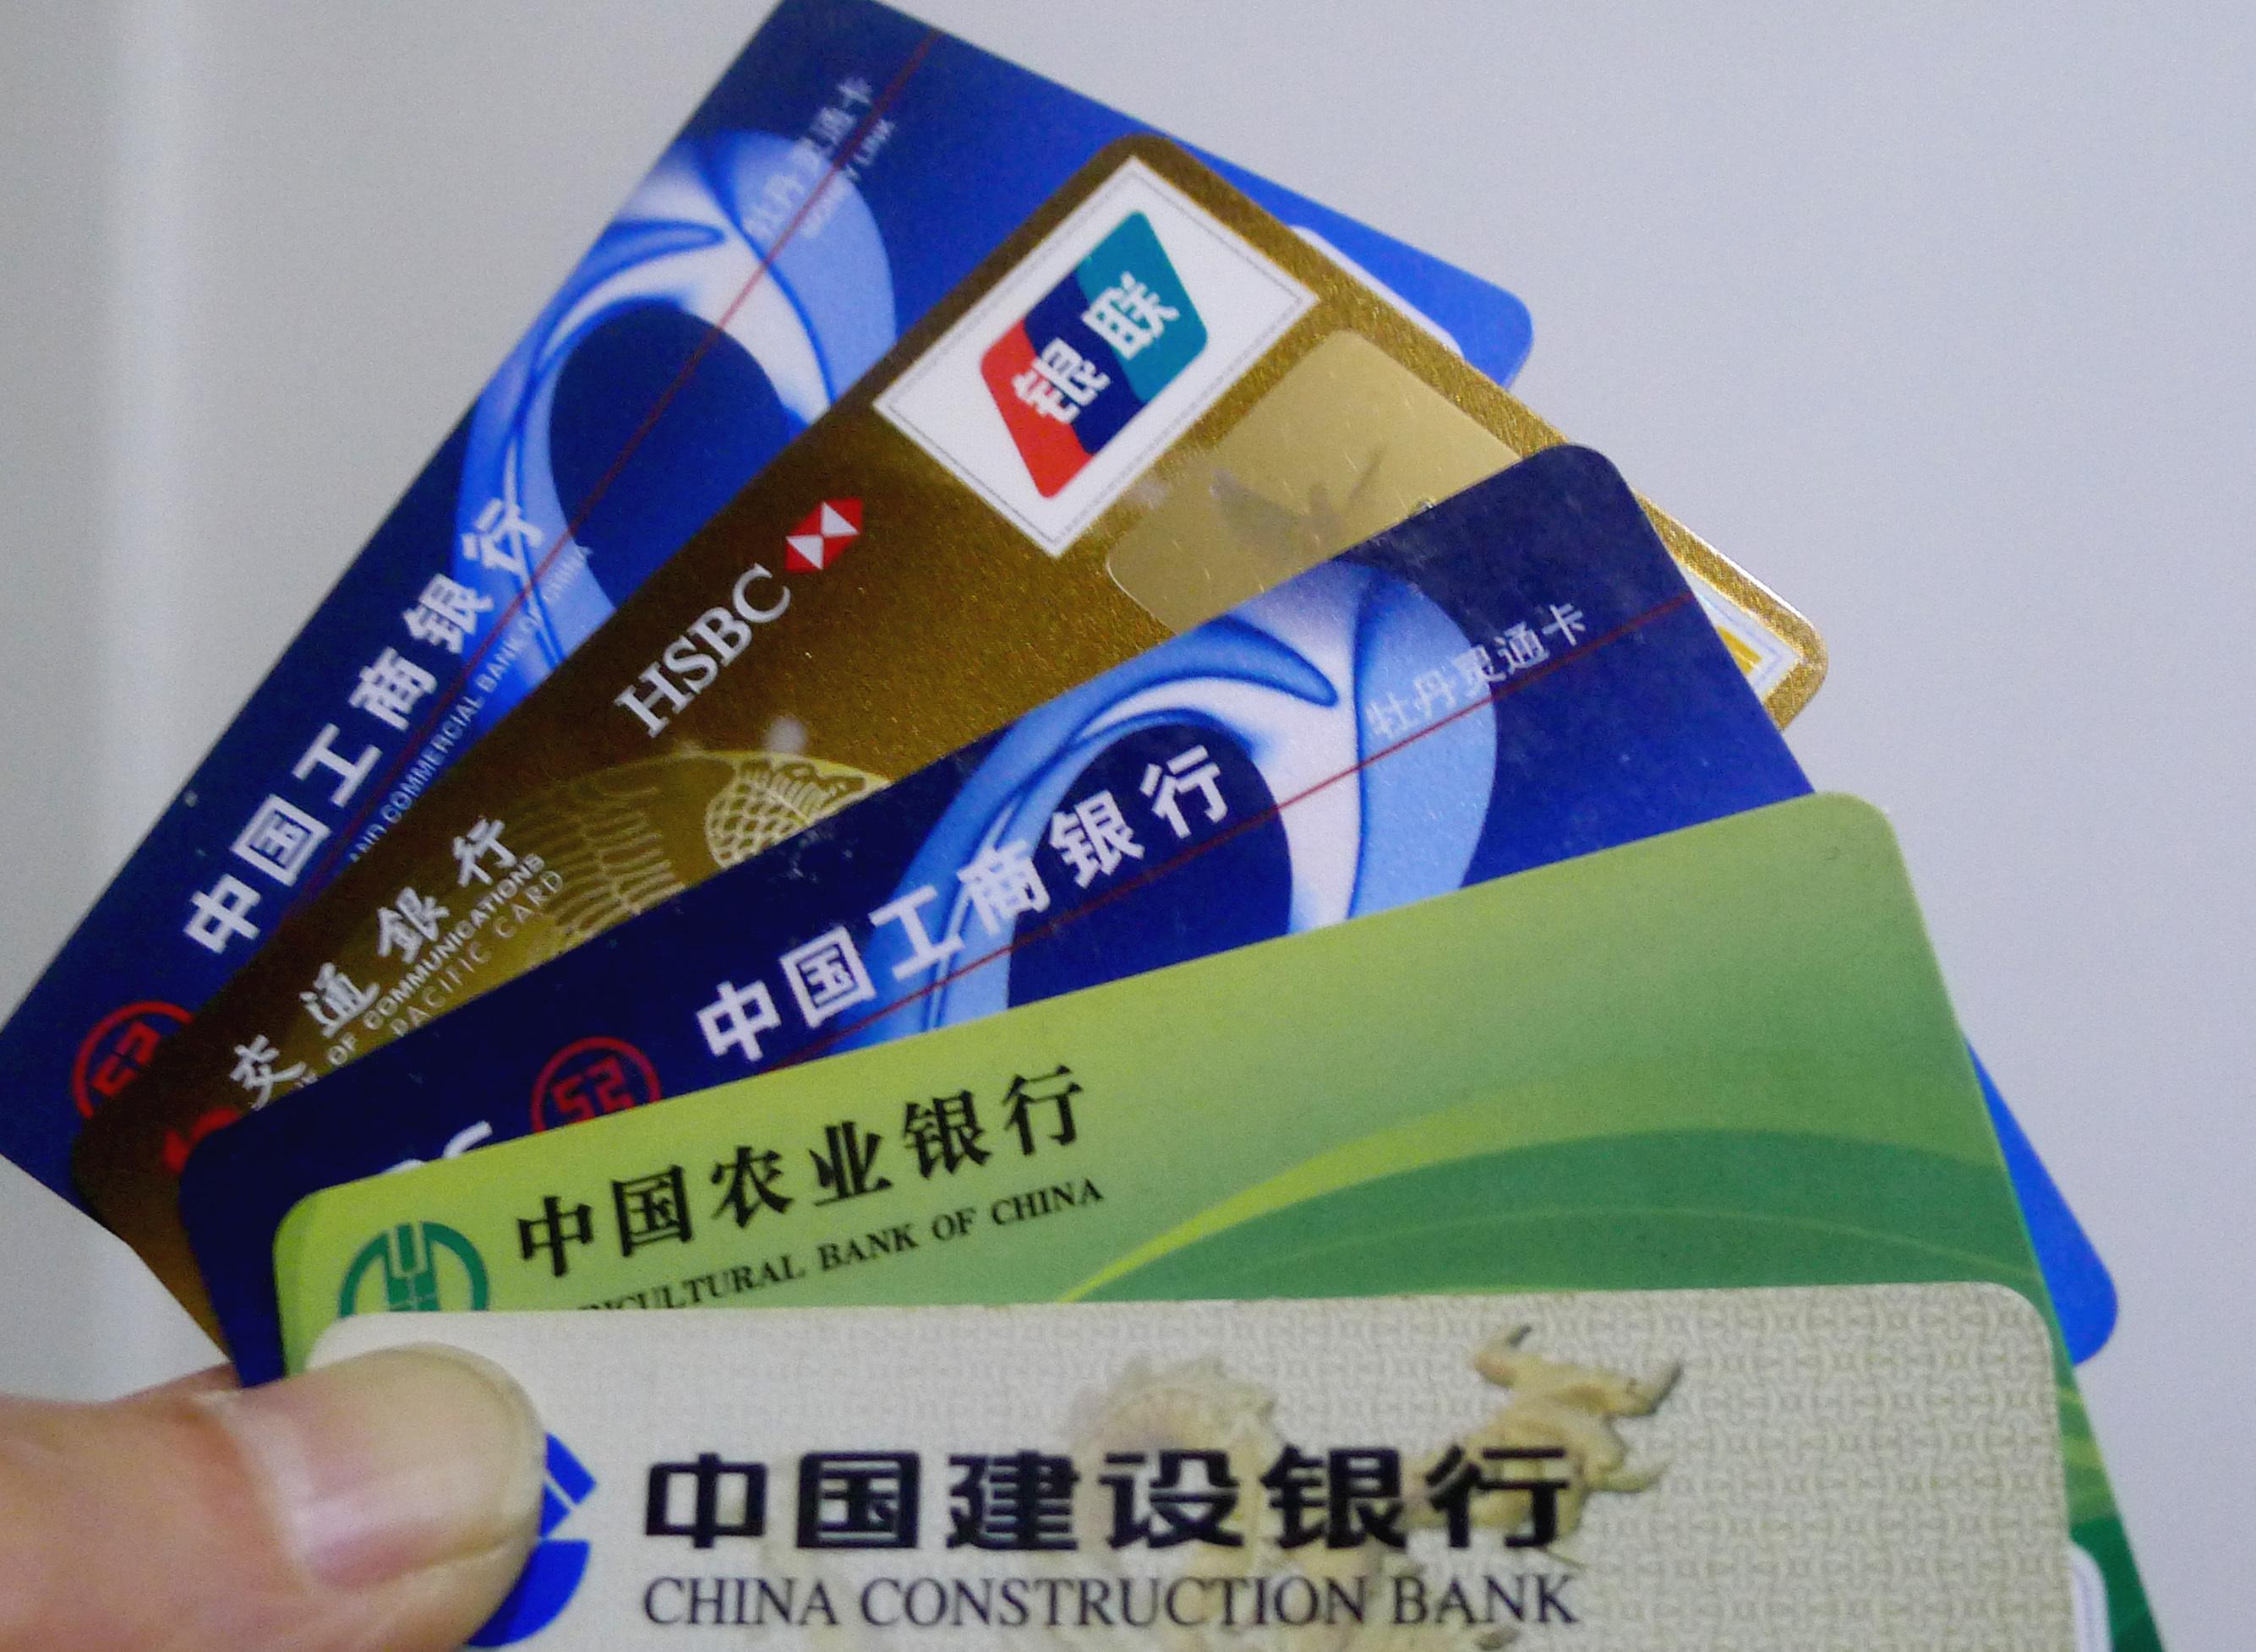 信用卡下卡后未激活,可能导致办卡再也无法成功!